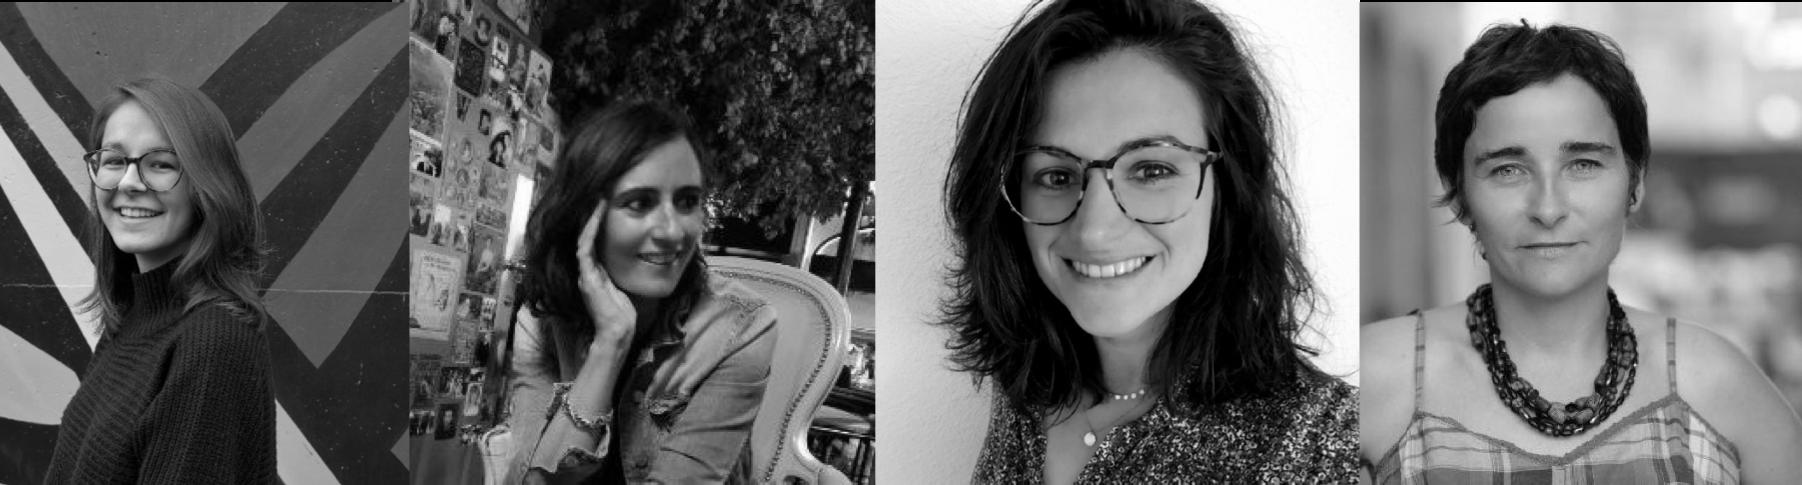 Portrait en noir et blanc de Claire Dorland, Laure Duplaa ,Aurélie Riquelme et Claudia dans le cadre d'une rencontre